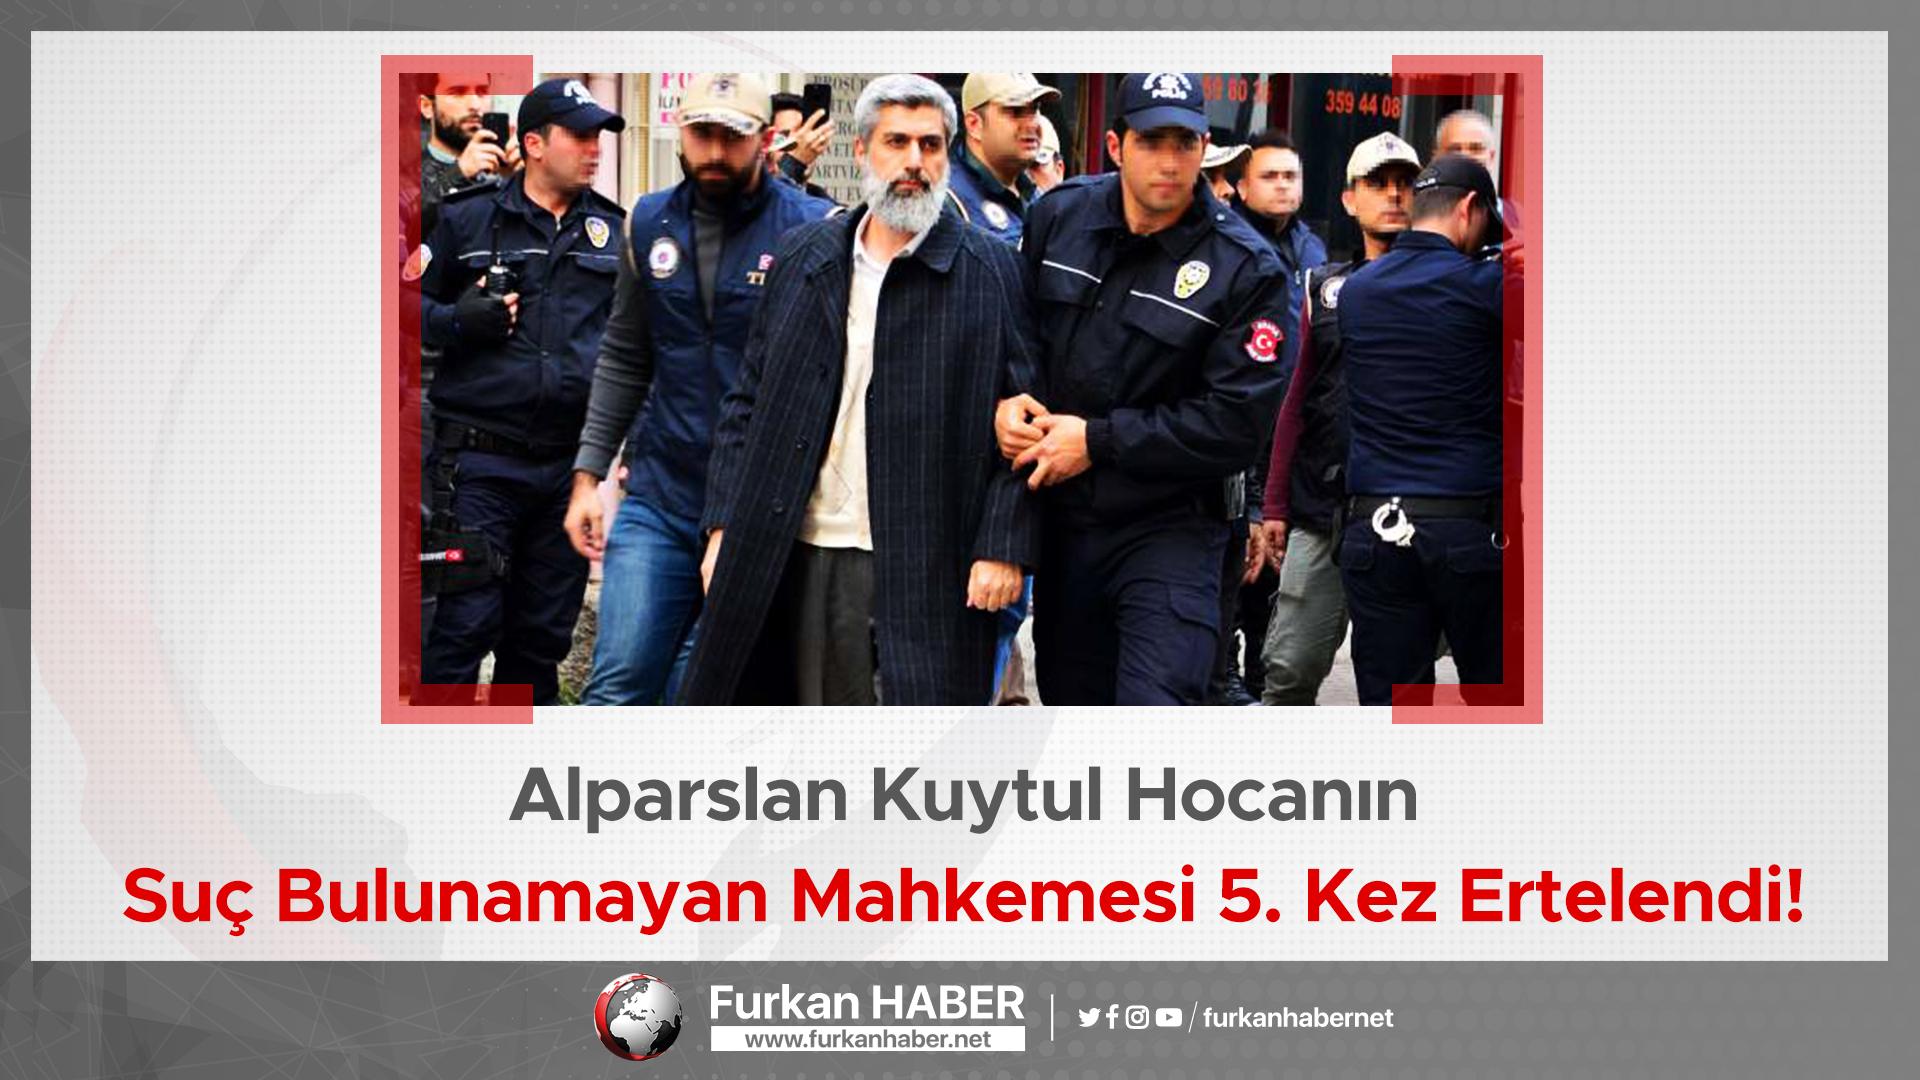 Alparslan Kuytul Hocanın Suç Bulunamayan Mahkemesi 5. Kez Ertelendi!